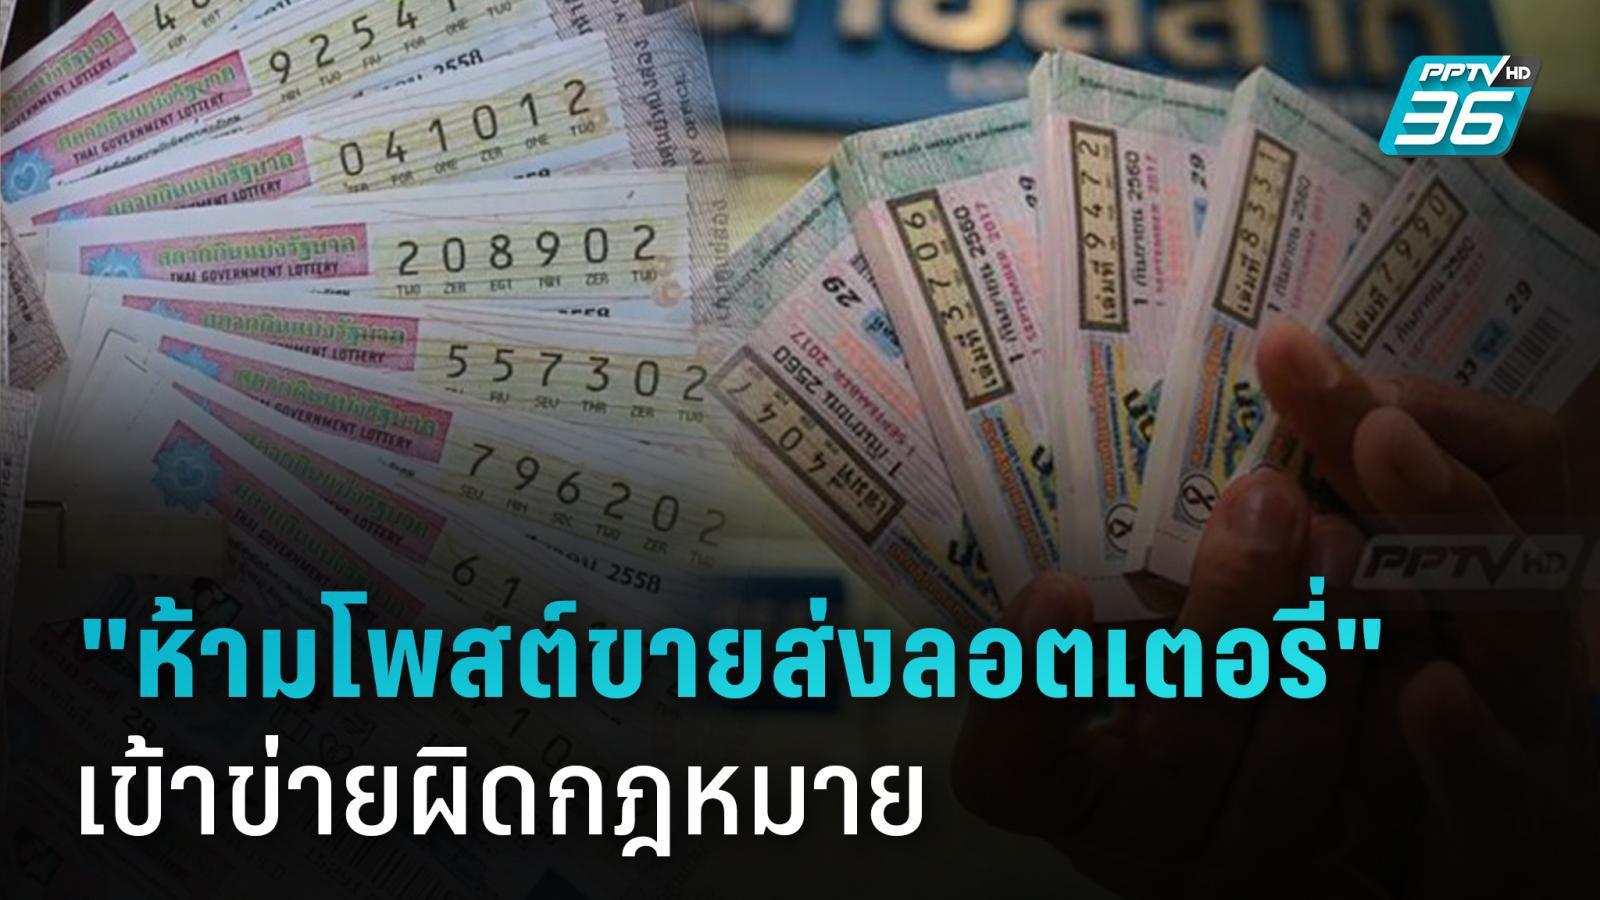 เตือน ตัวแทนห้ามโพสต์ขายส่งลอตเตอรี่  ผิดกฎหมาย ปรับ 10,000 บาท ยกเลิกสัญญา